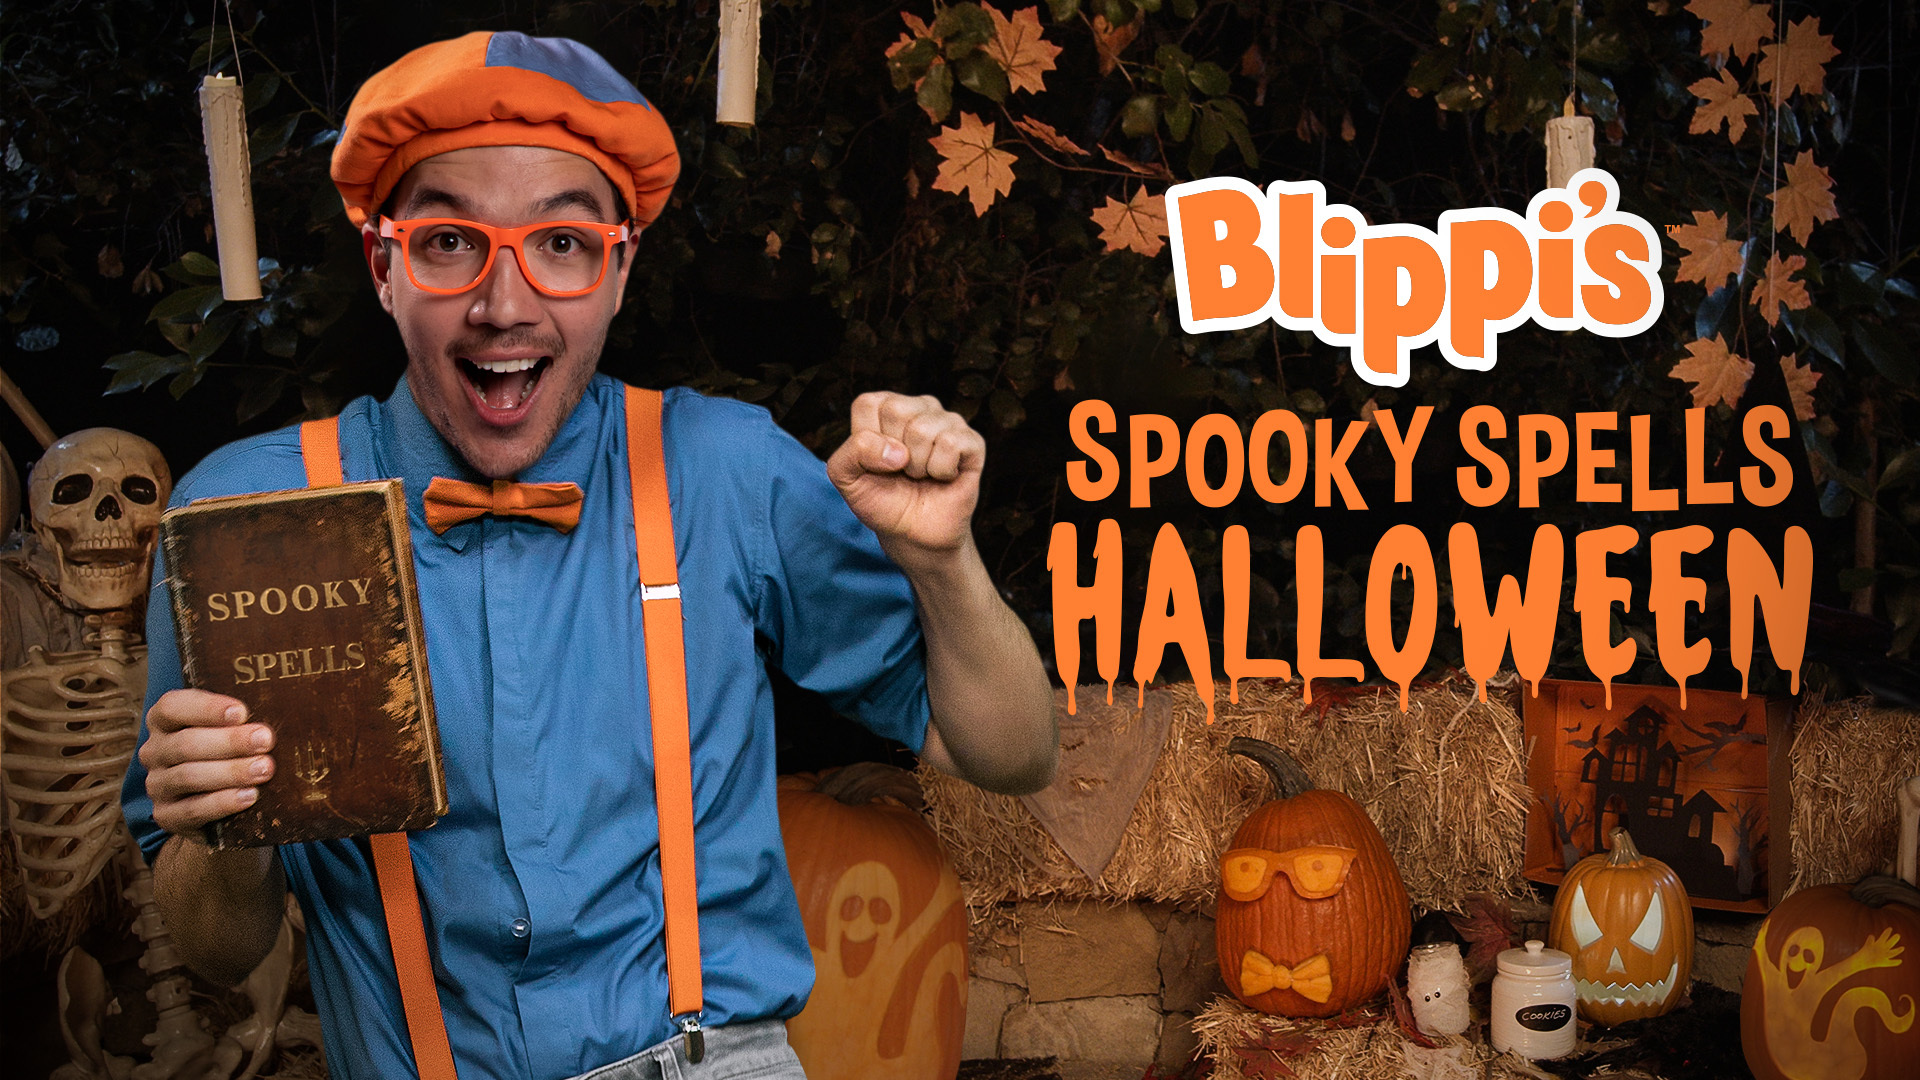 Blippi's Spooky Spells Halloween